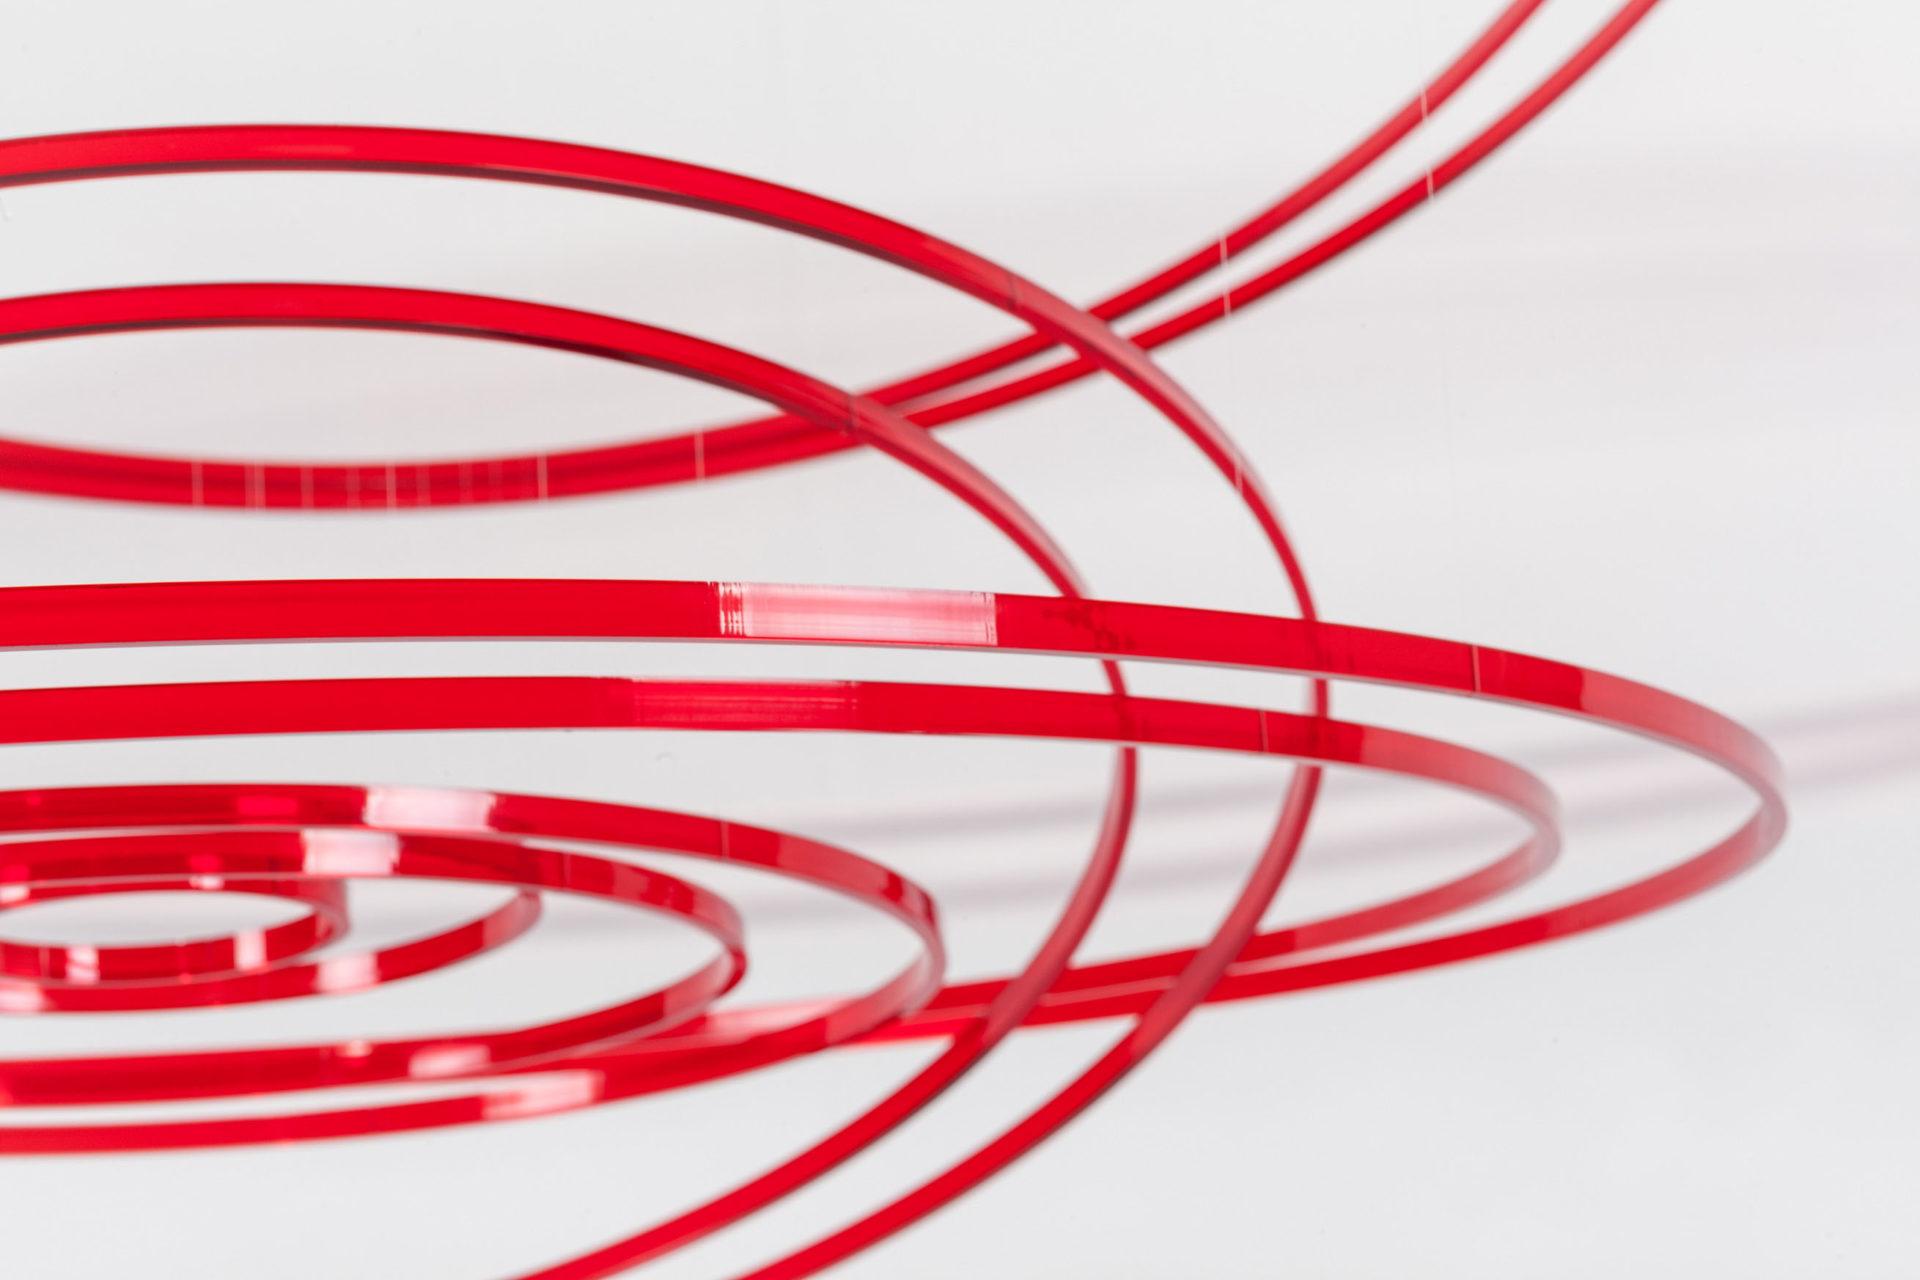 Elias Crespin Circuconcéntricos Rojo Transparente